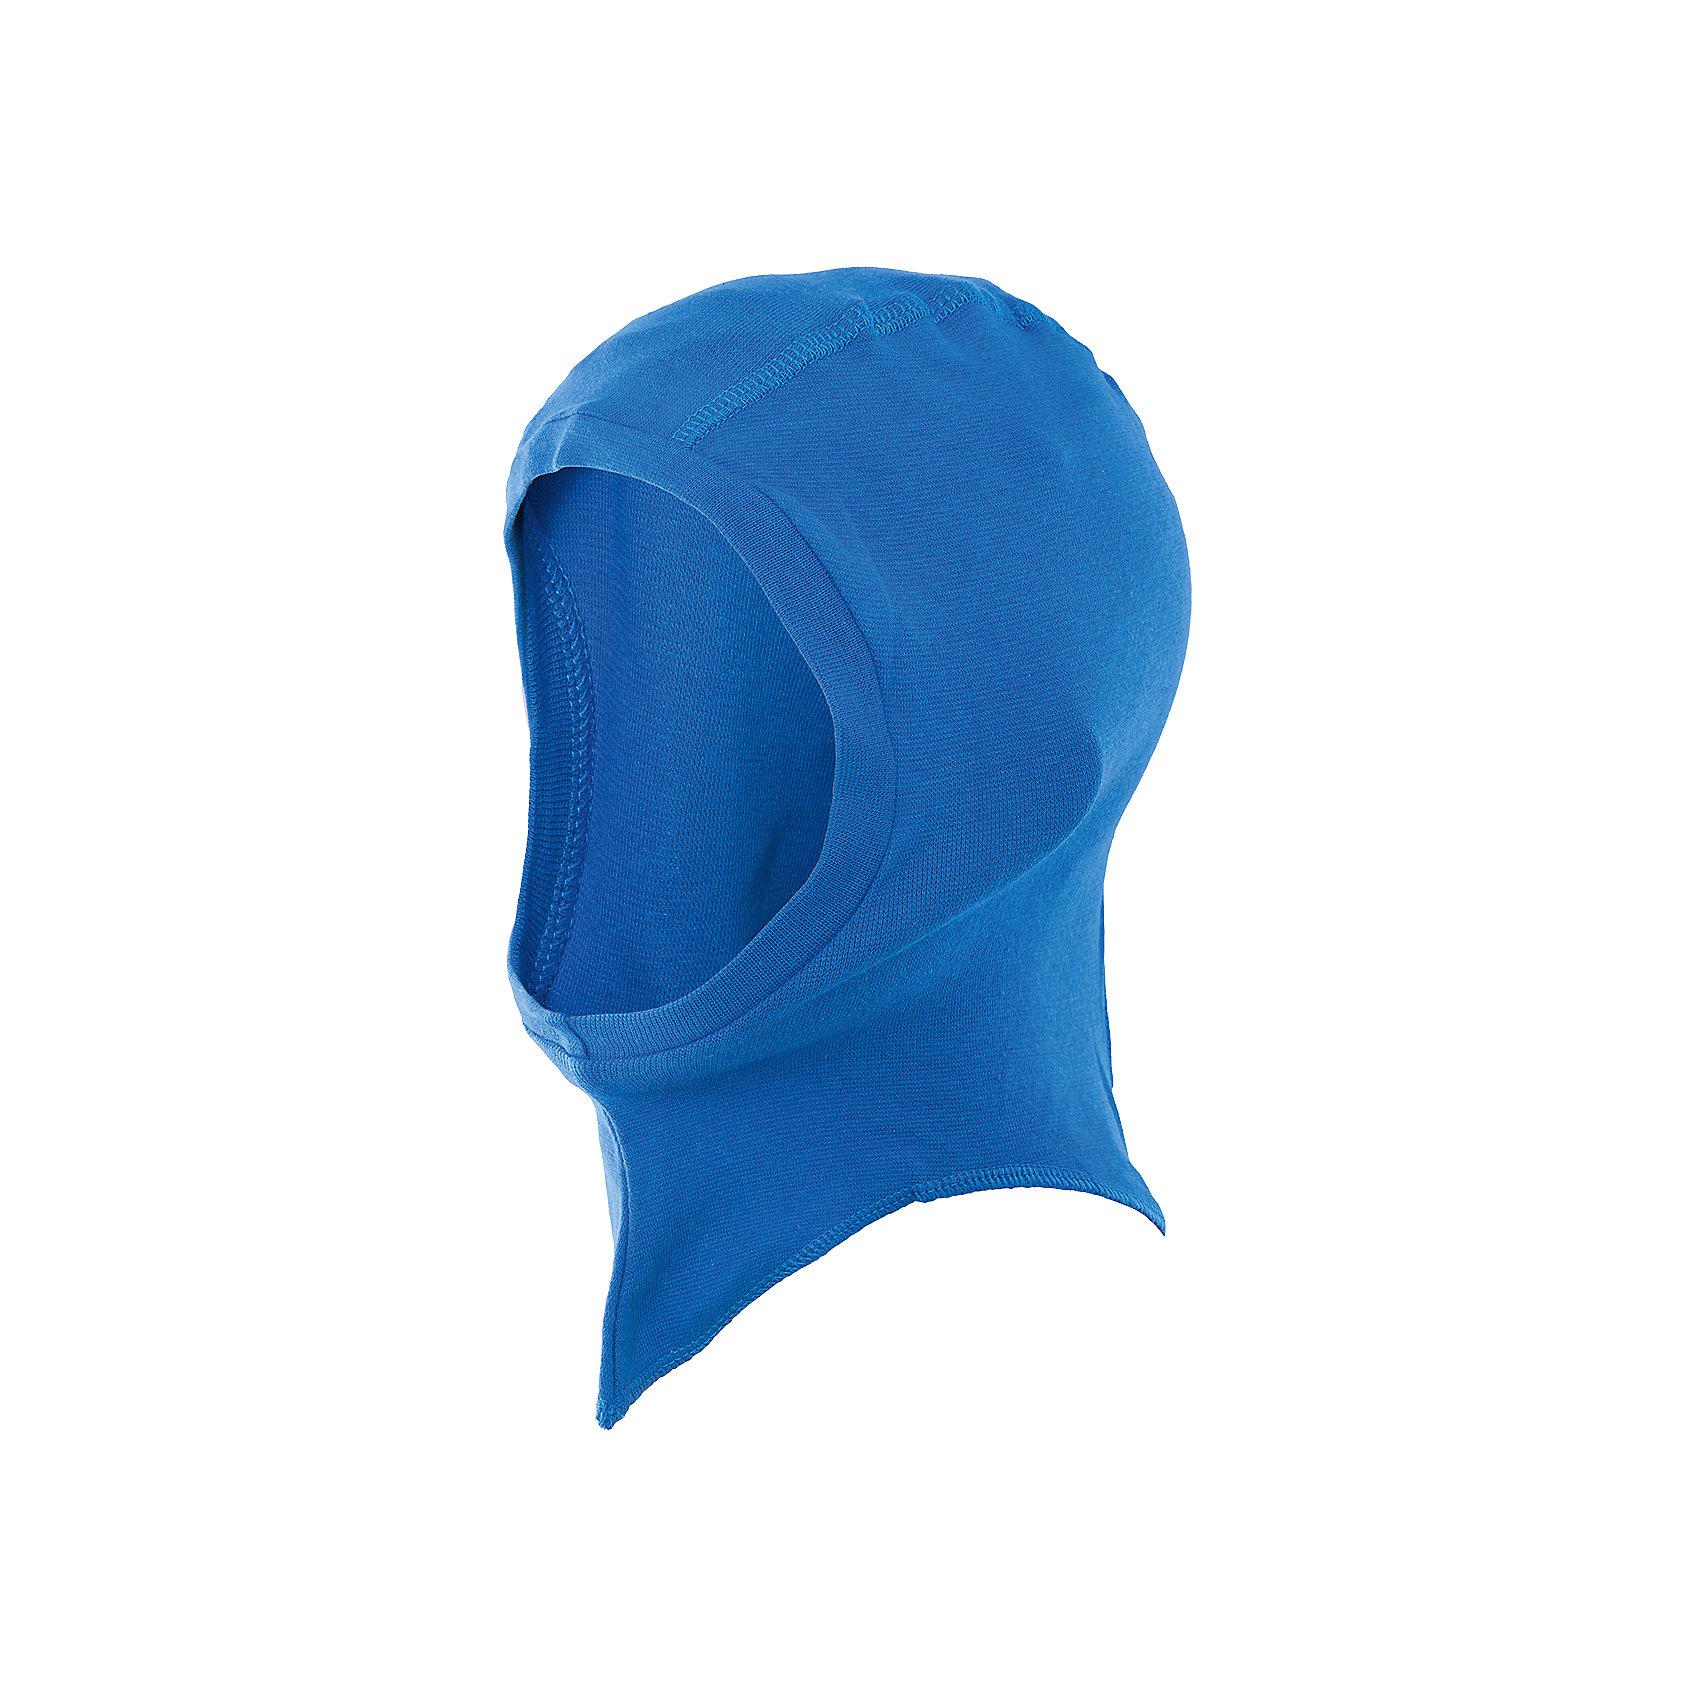 Шапка для мальчика PlayTodayШапка для мальчика от известного бренда PlayToday.<br>Теплая шапка-шлем надежно защитит от ветра.<br>Состав:<br>95% хлопок, 5% эластан<br><br>Ширина мм: 157<br>Глубина мм: 13<br>Высота мм: 119<br>Вес г: 200<br>Цвет: синий<br>Возраст от месяцев: 12<br>Возраст до месяцев: 18<br>Пол: Мужской<br>Возраст: Детский<br>Размер: 46,48<br>SKU: 4900886